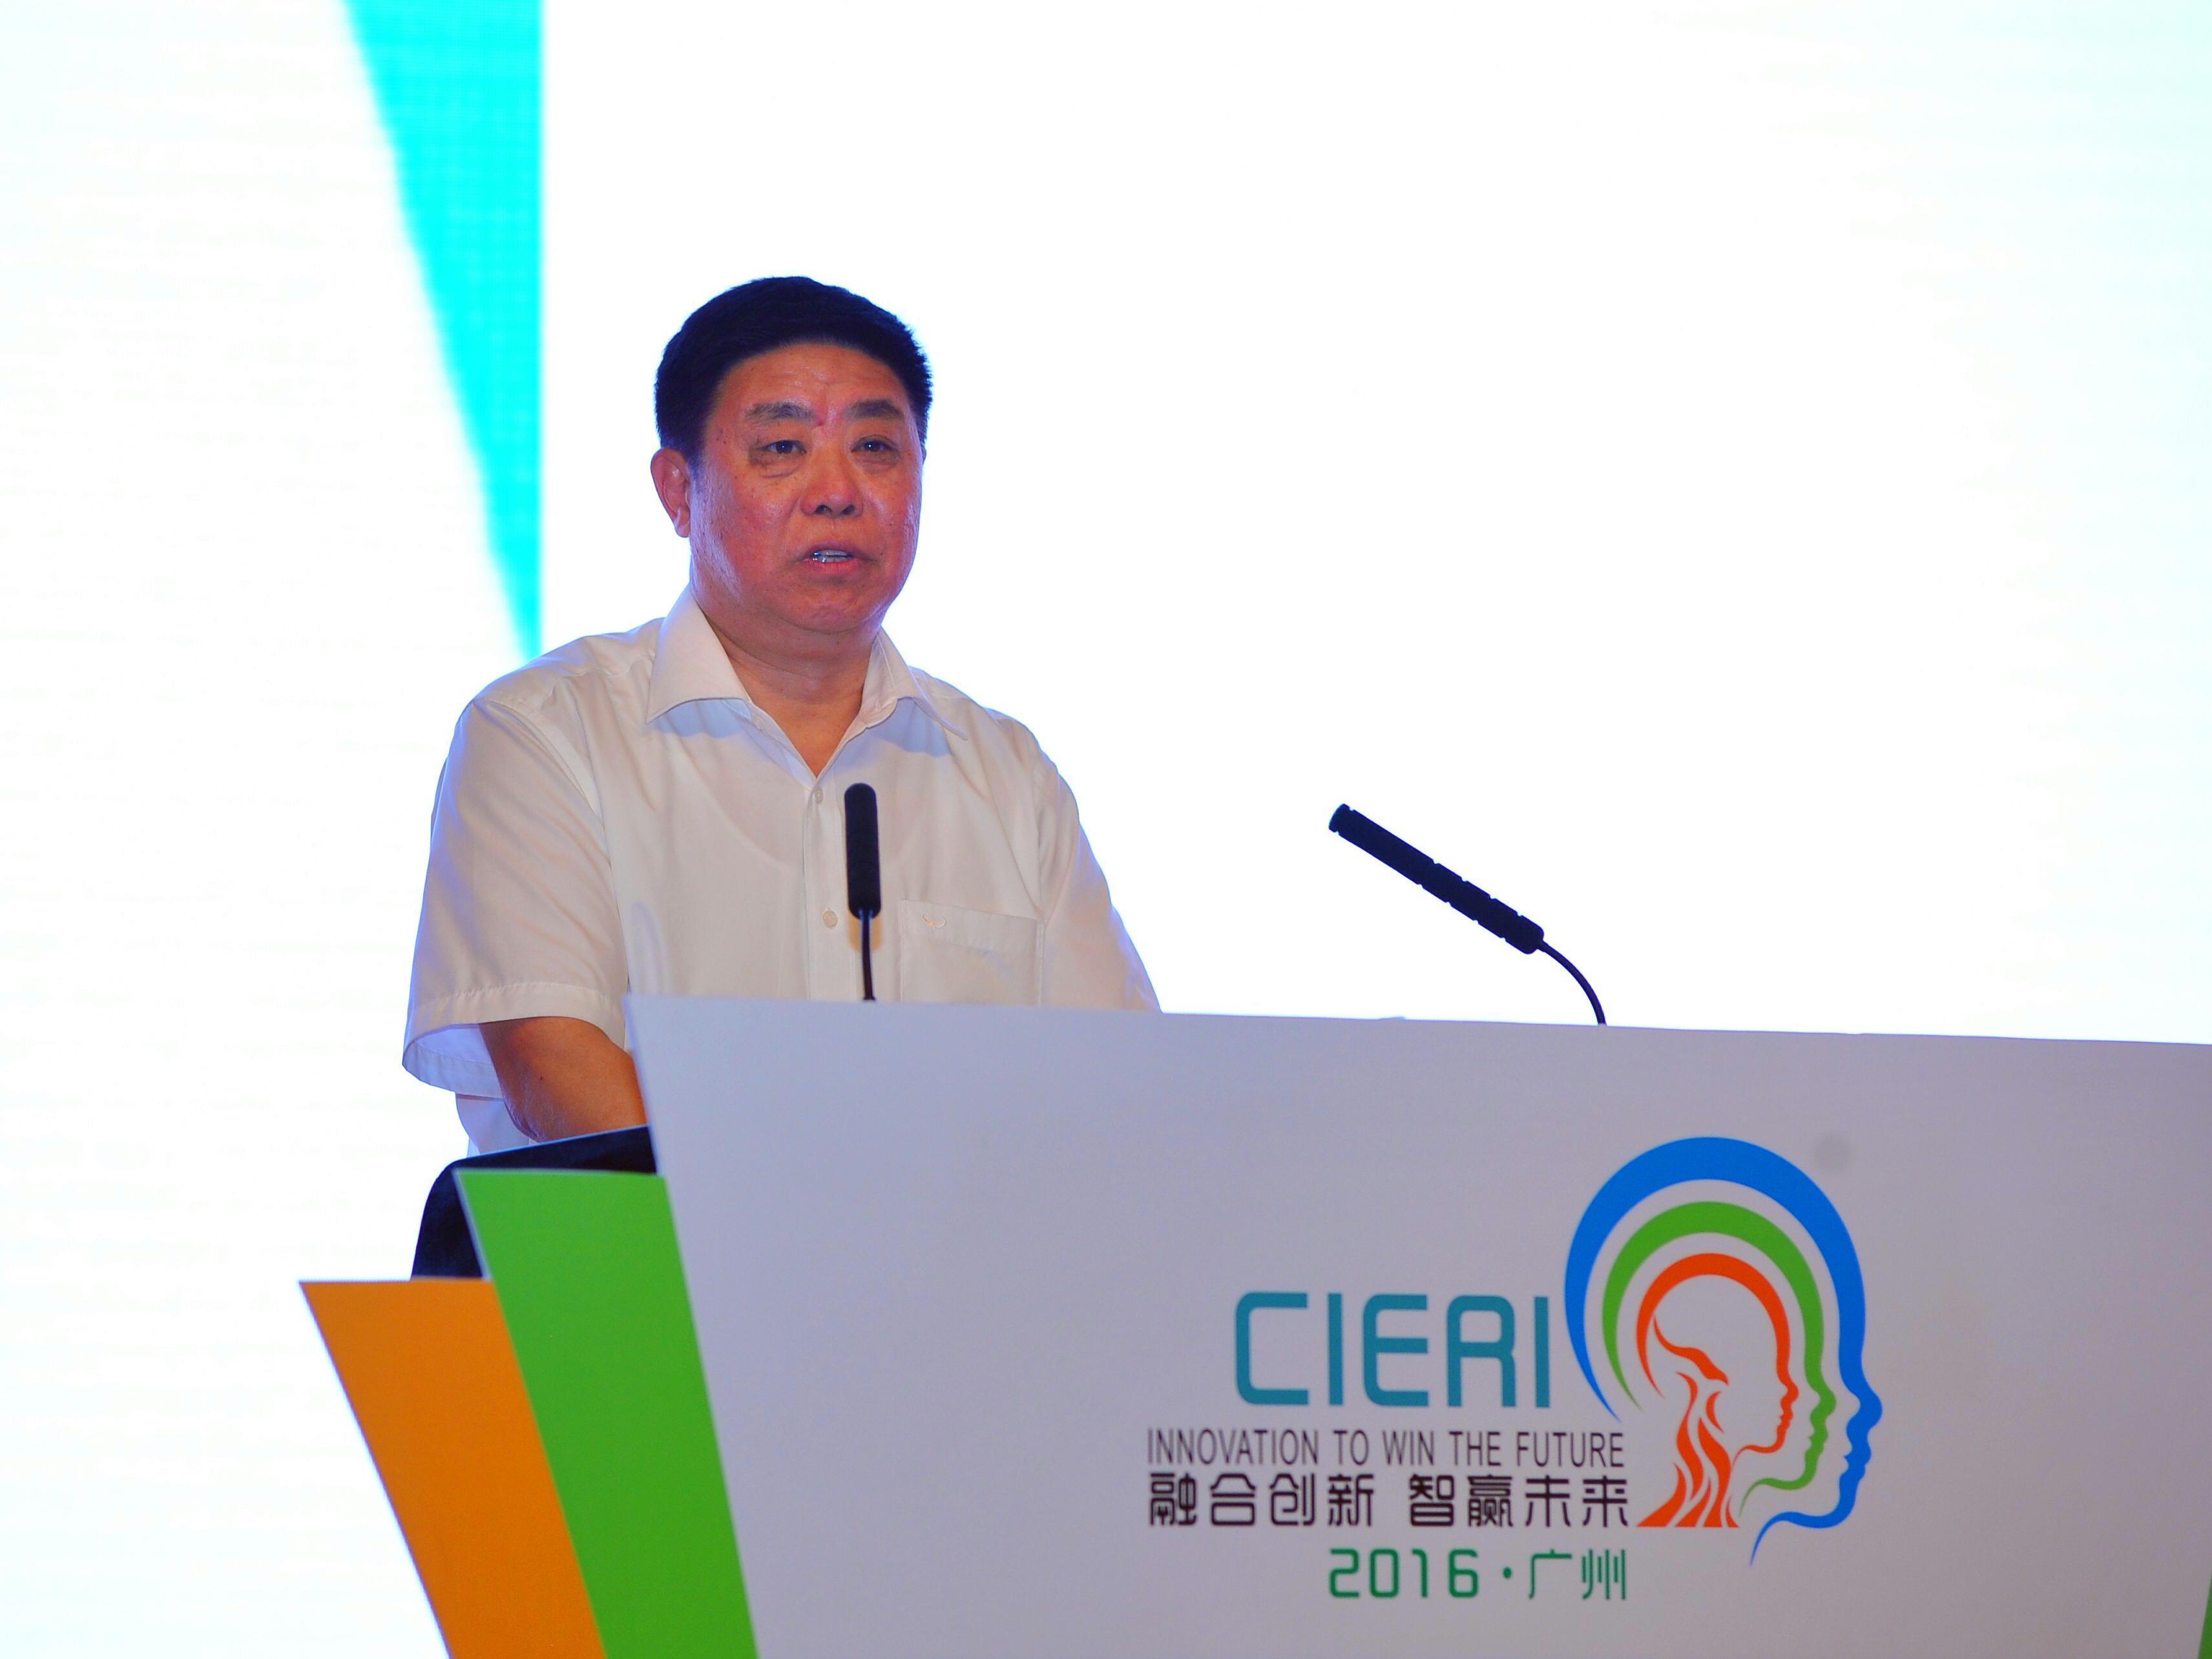 小i机器人金融事业部总经理张峰